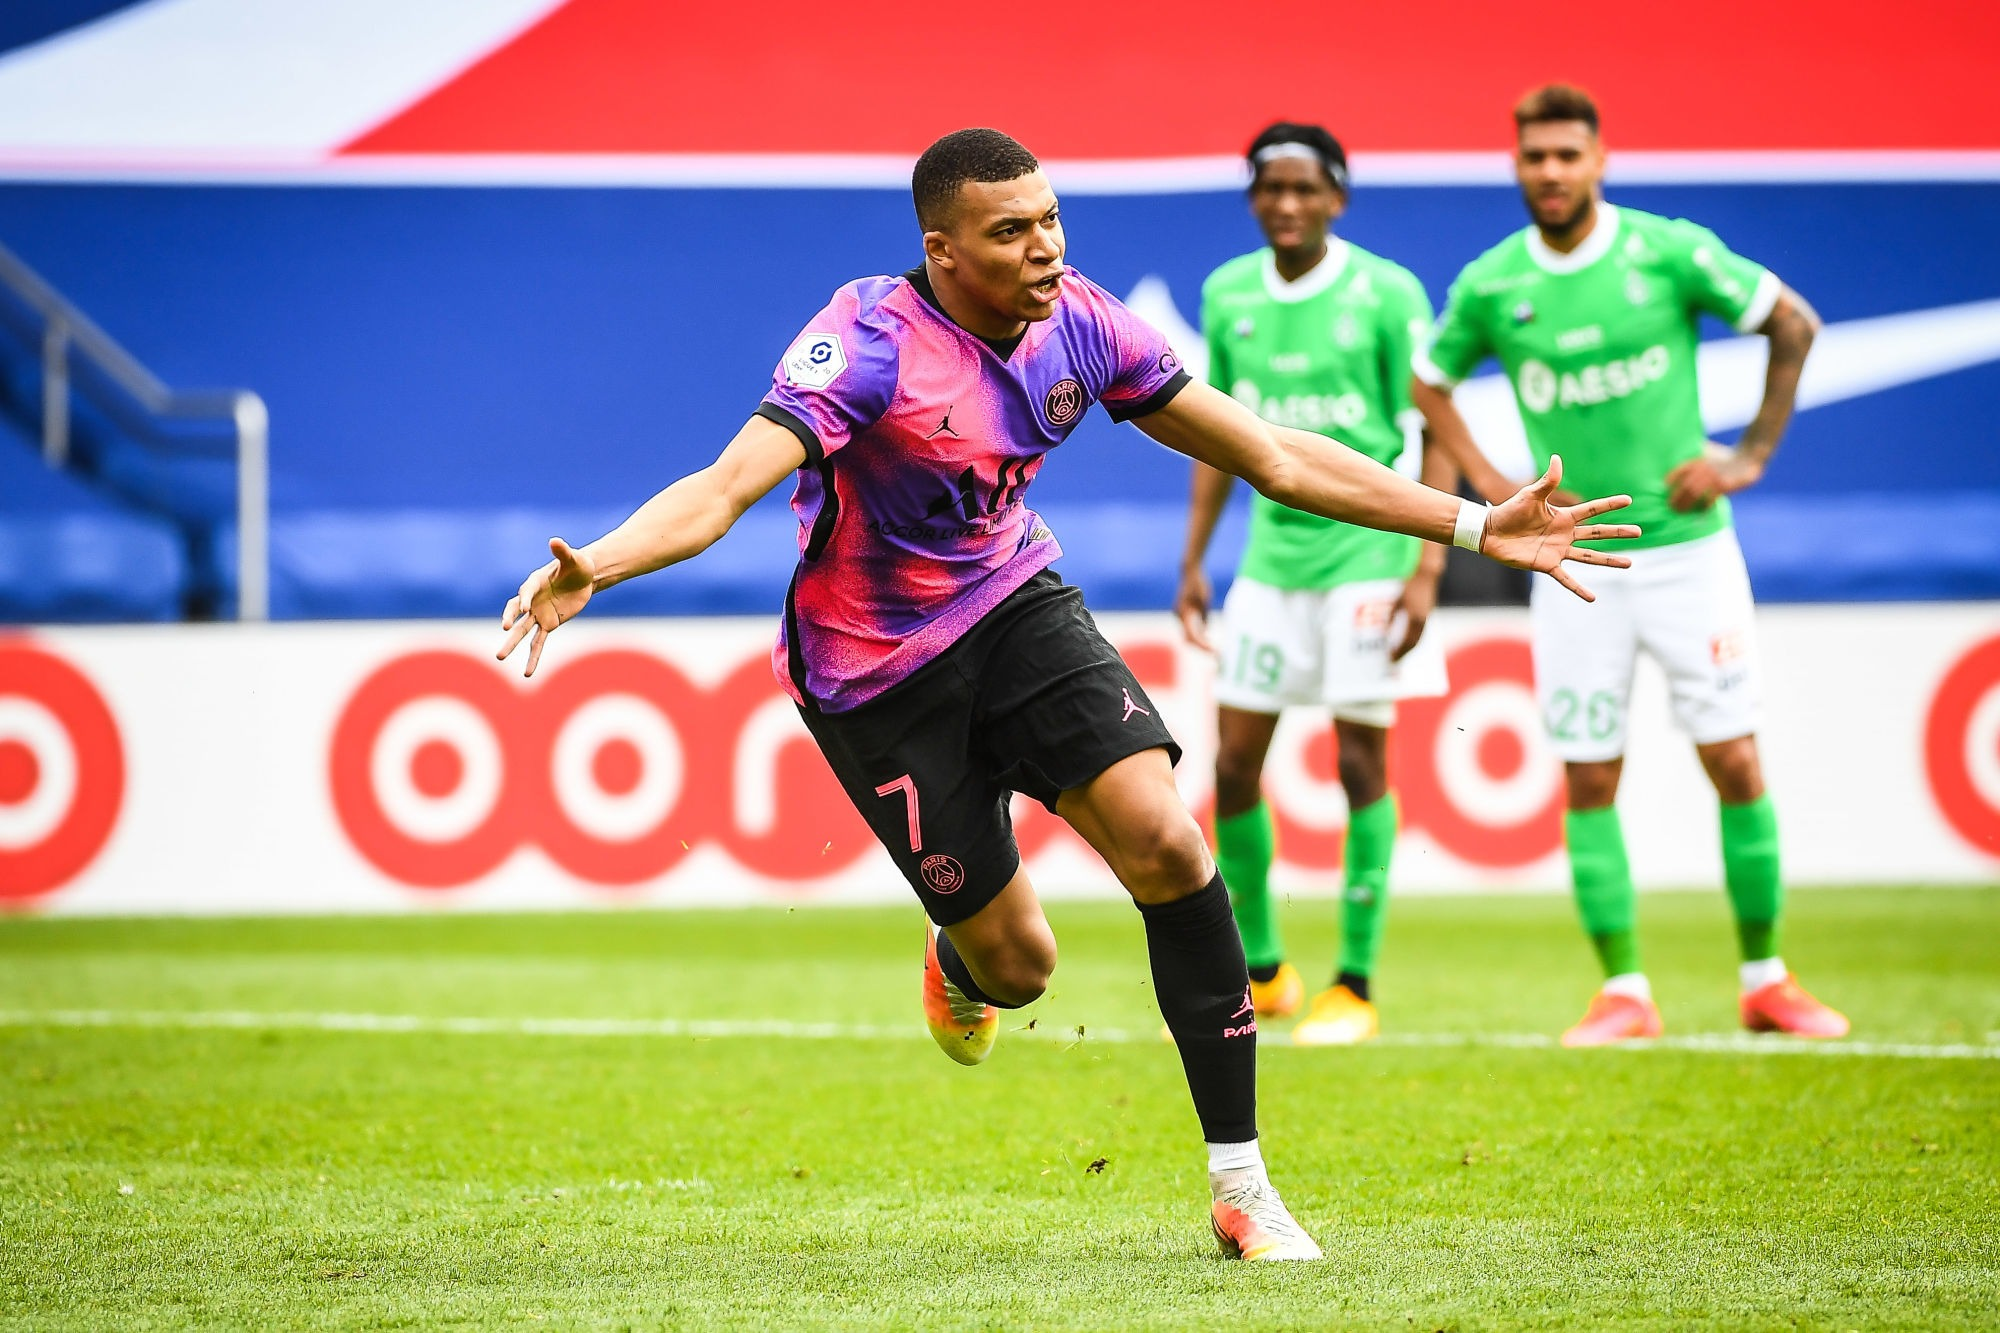 """PSG/Saint-Etienne - Mbappé """"On veut gagner. On veut participer à l'histoire du club"""""""